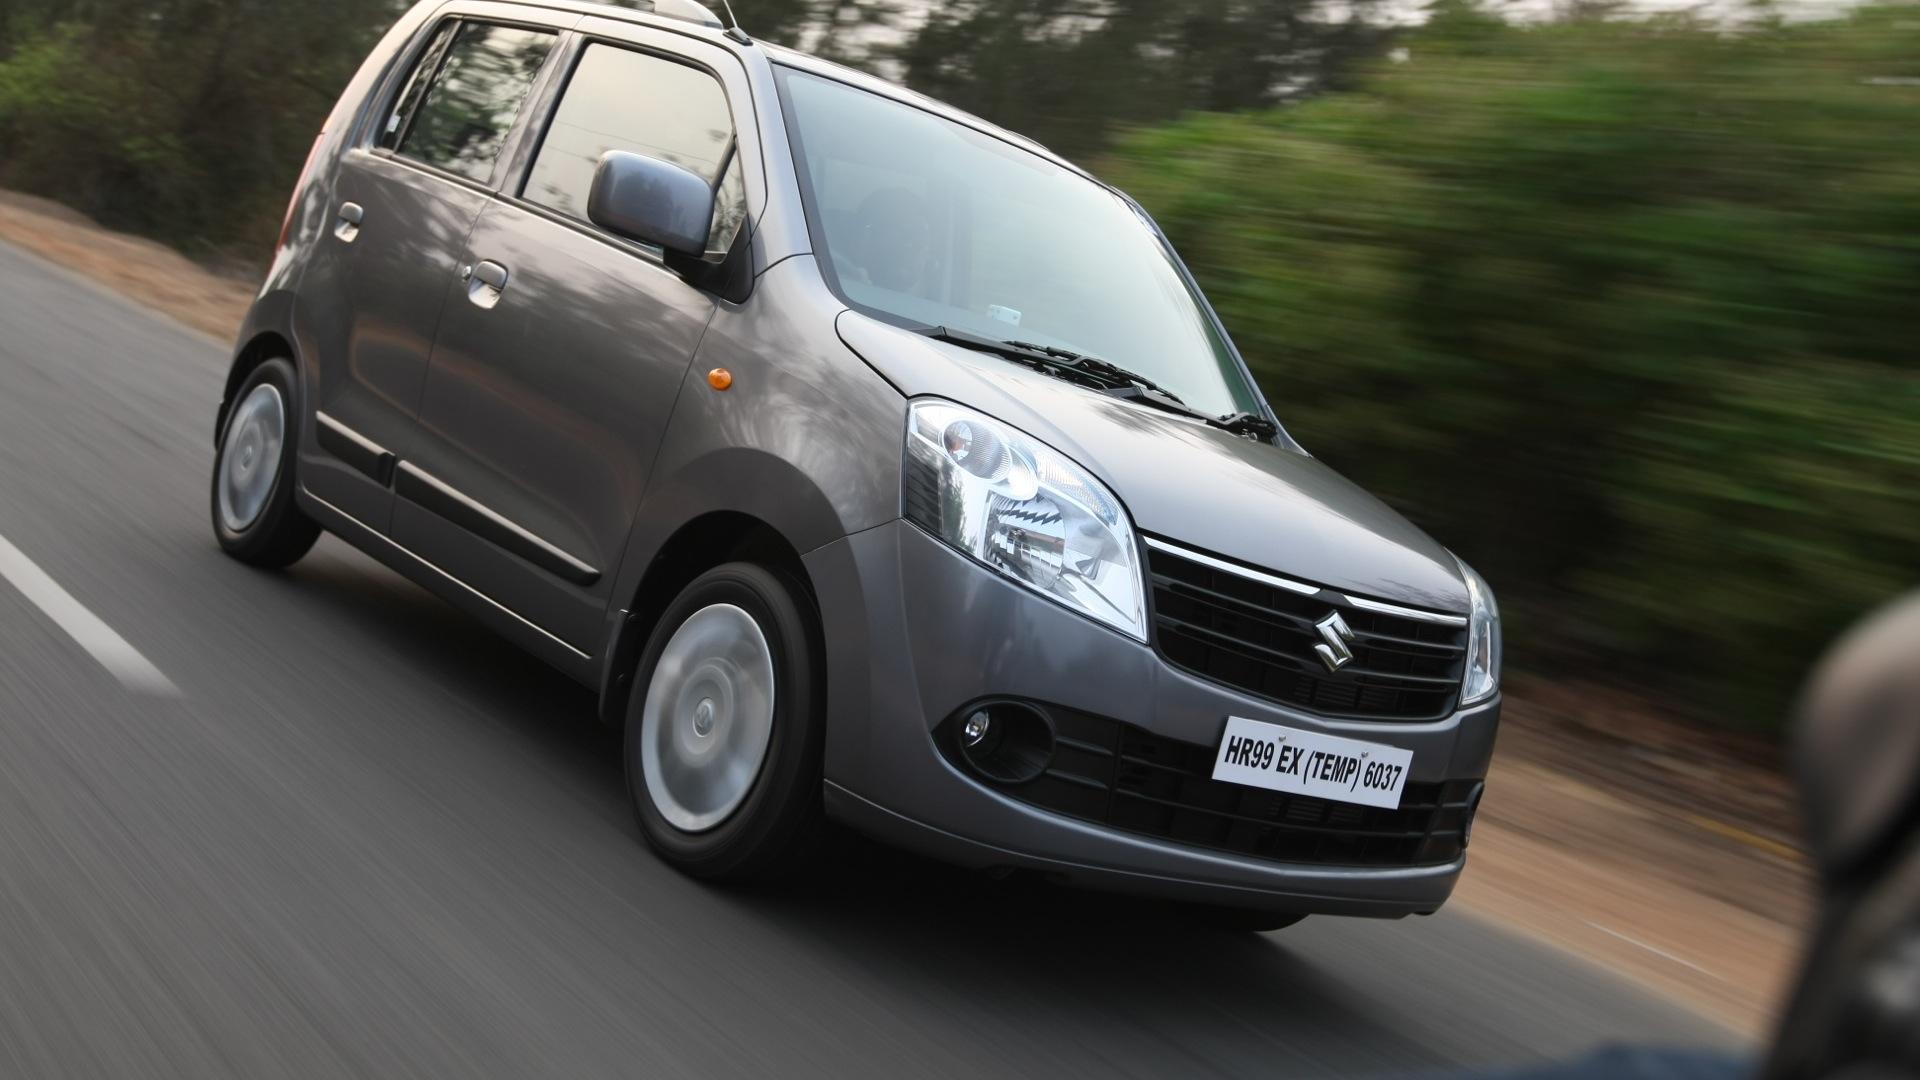 Maruti Suzuki Wagon R 2017 Lxi Cng Price Mileage Reviews